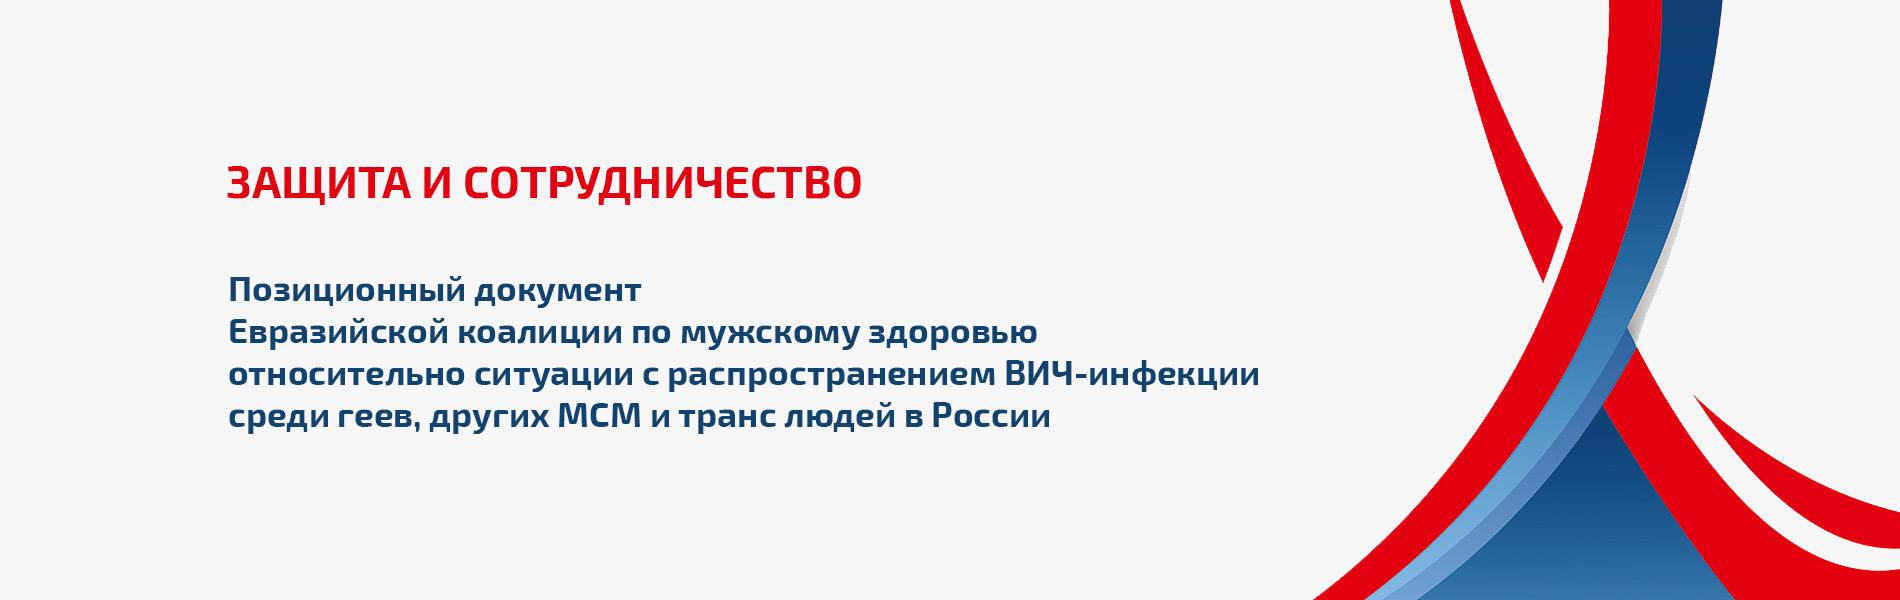 Позиционный документ Евразийской коалиции по мужскому здоровью относительно ситуации с распространением ВИЧ-инфекции среди геев, других МСМ и транс людей в России